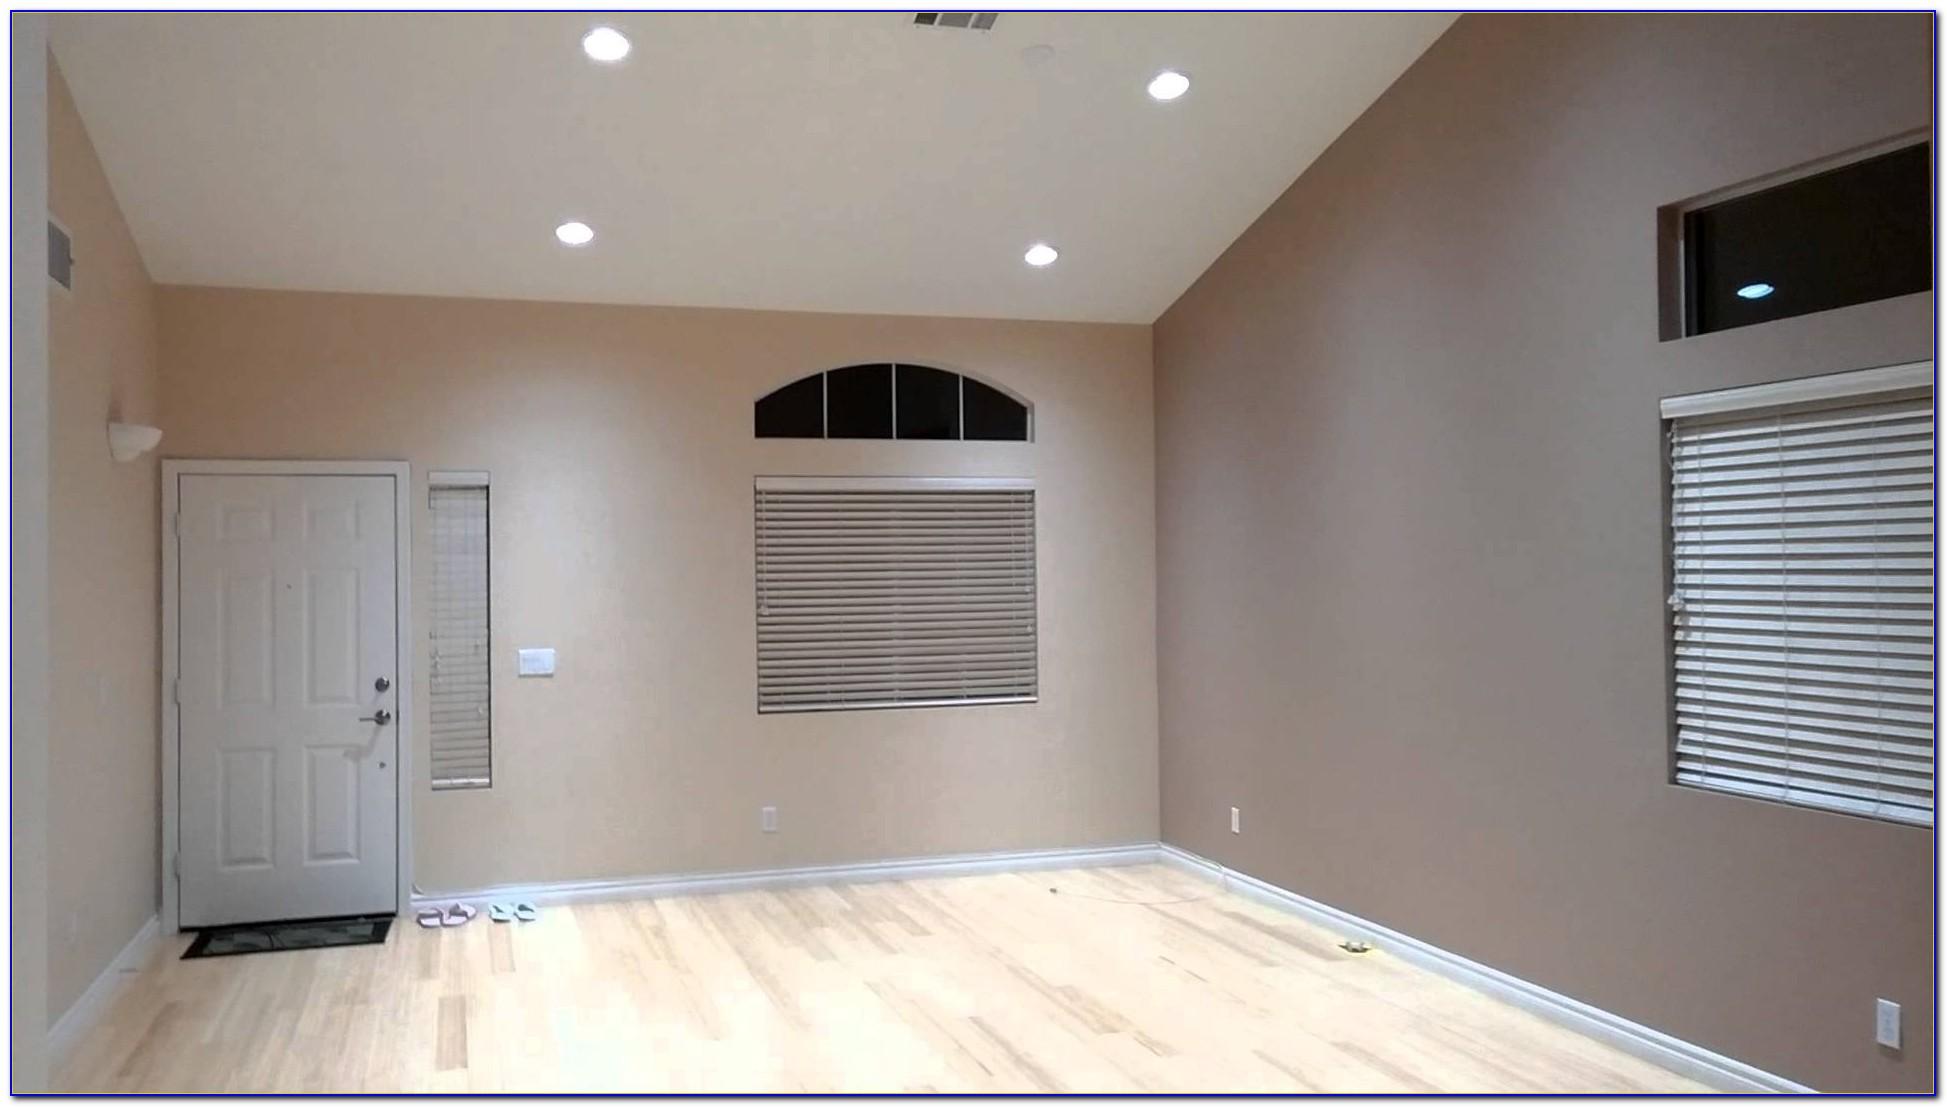 Installing Light Fixture In Drop Ceiling